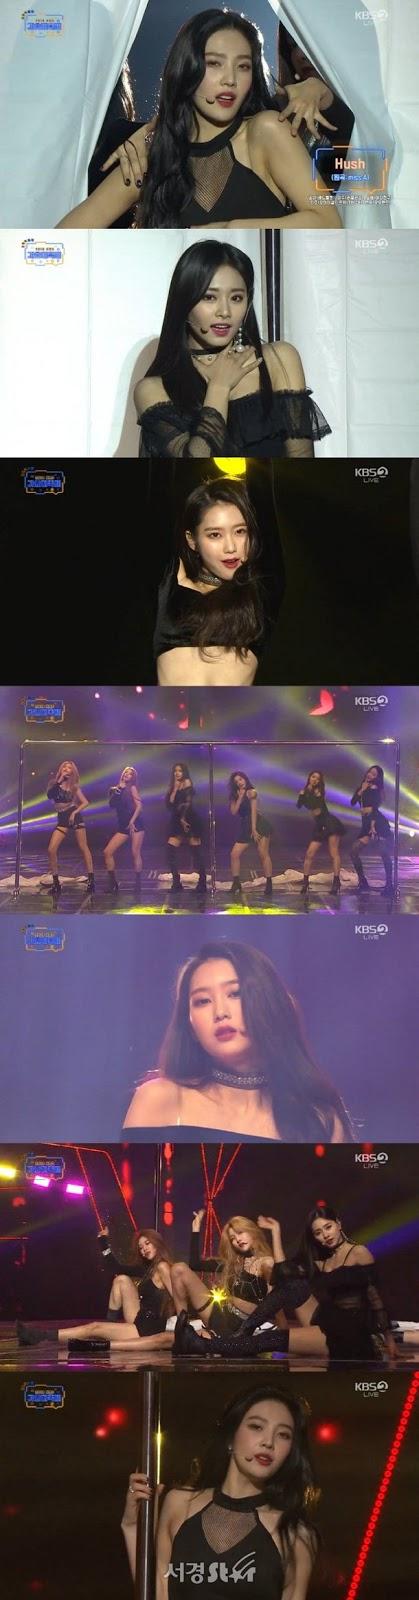 Kız grupları '2018 KBS Gayo Festival'de 'Hush' şarkısını coverladı